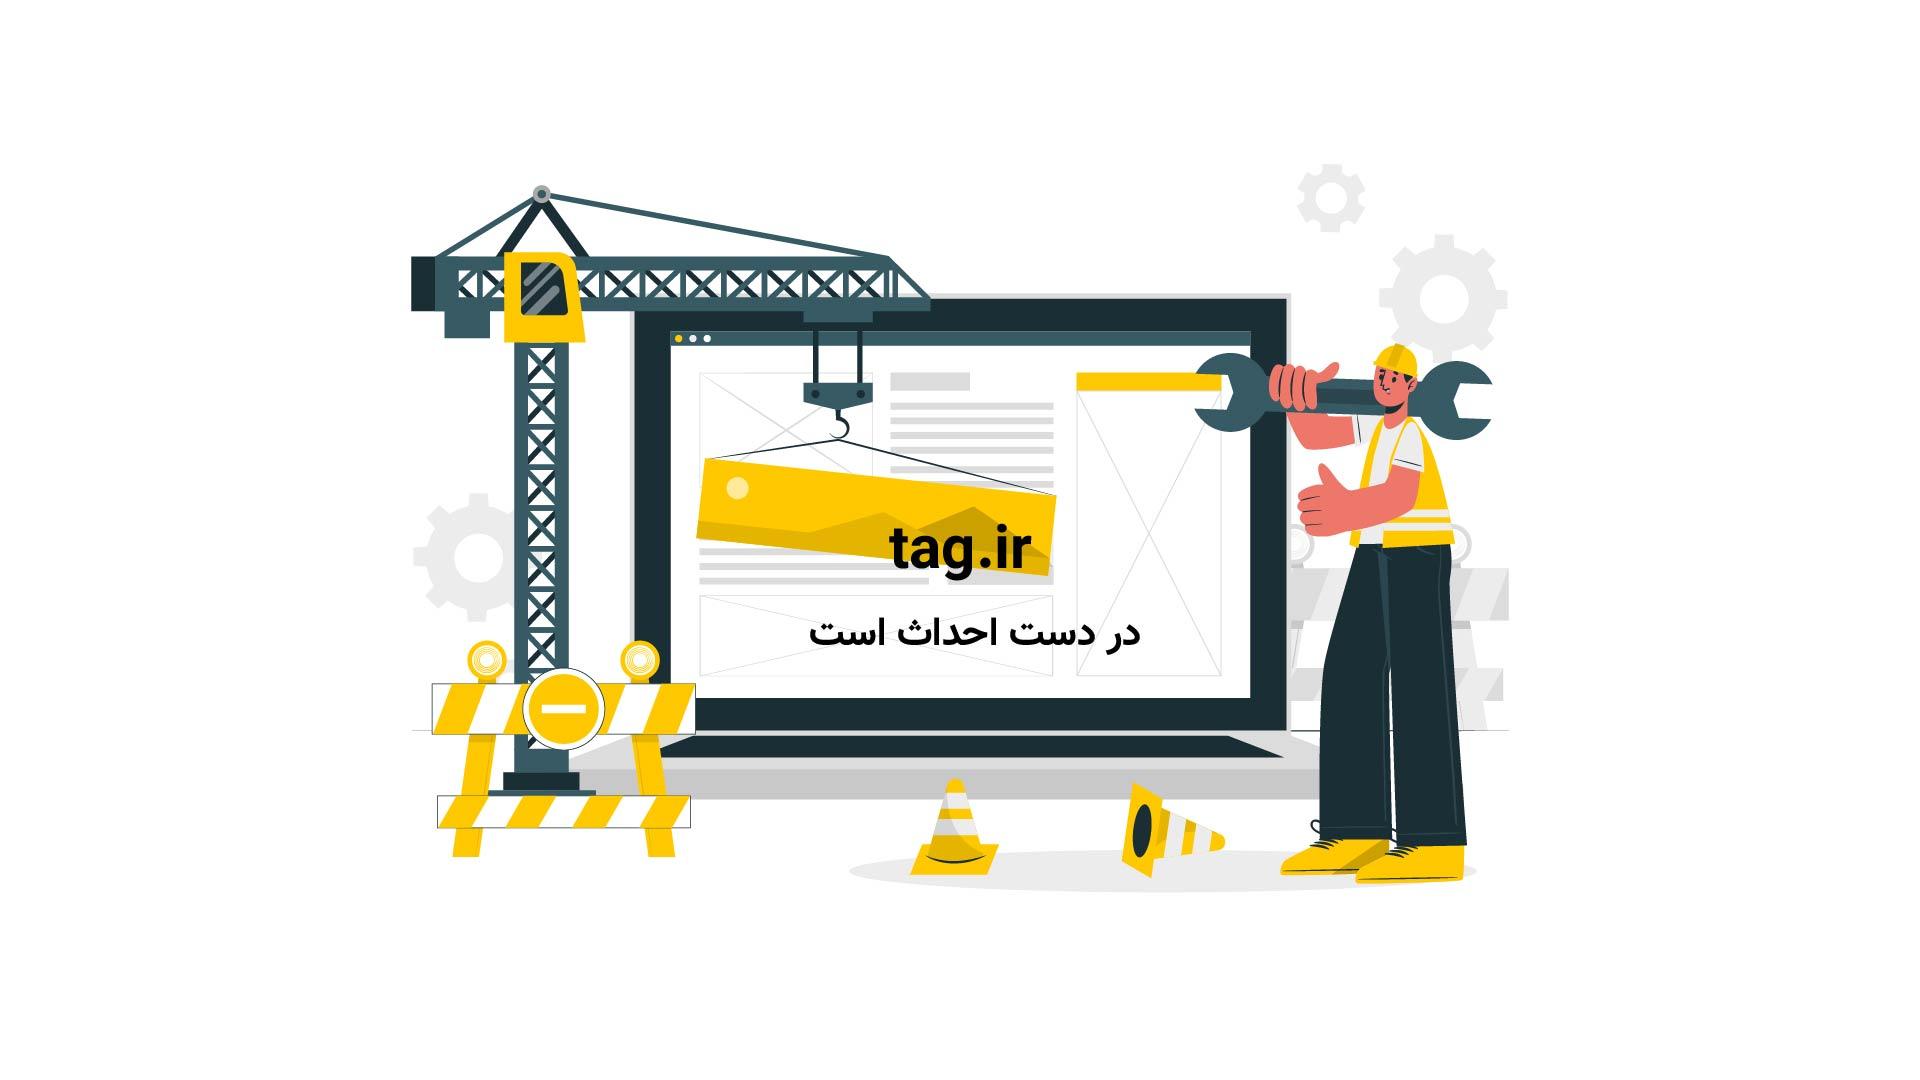 تکنیک نقاشی با آبرنگ ؛ آموزش مقدماتی کشیدن گل لاله | فیلم